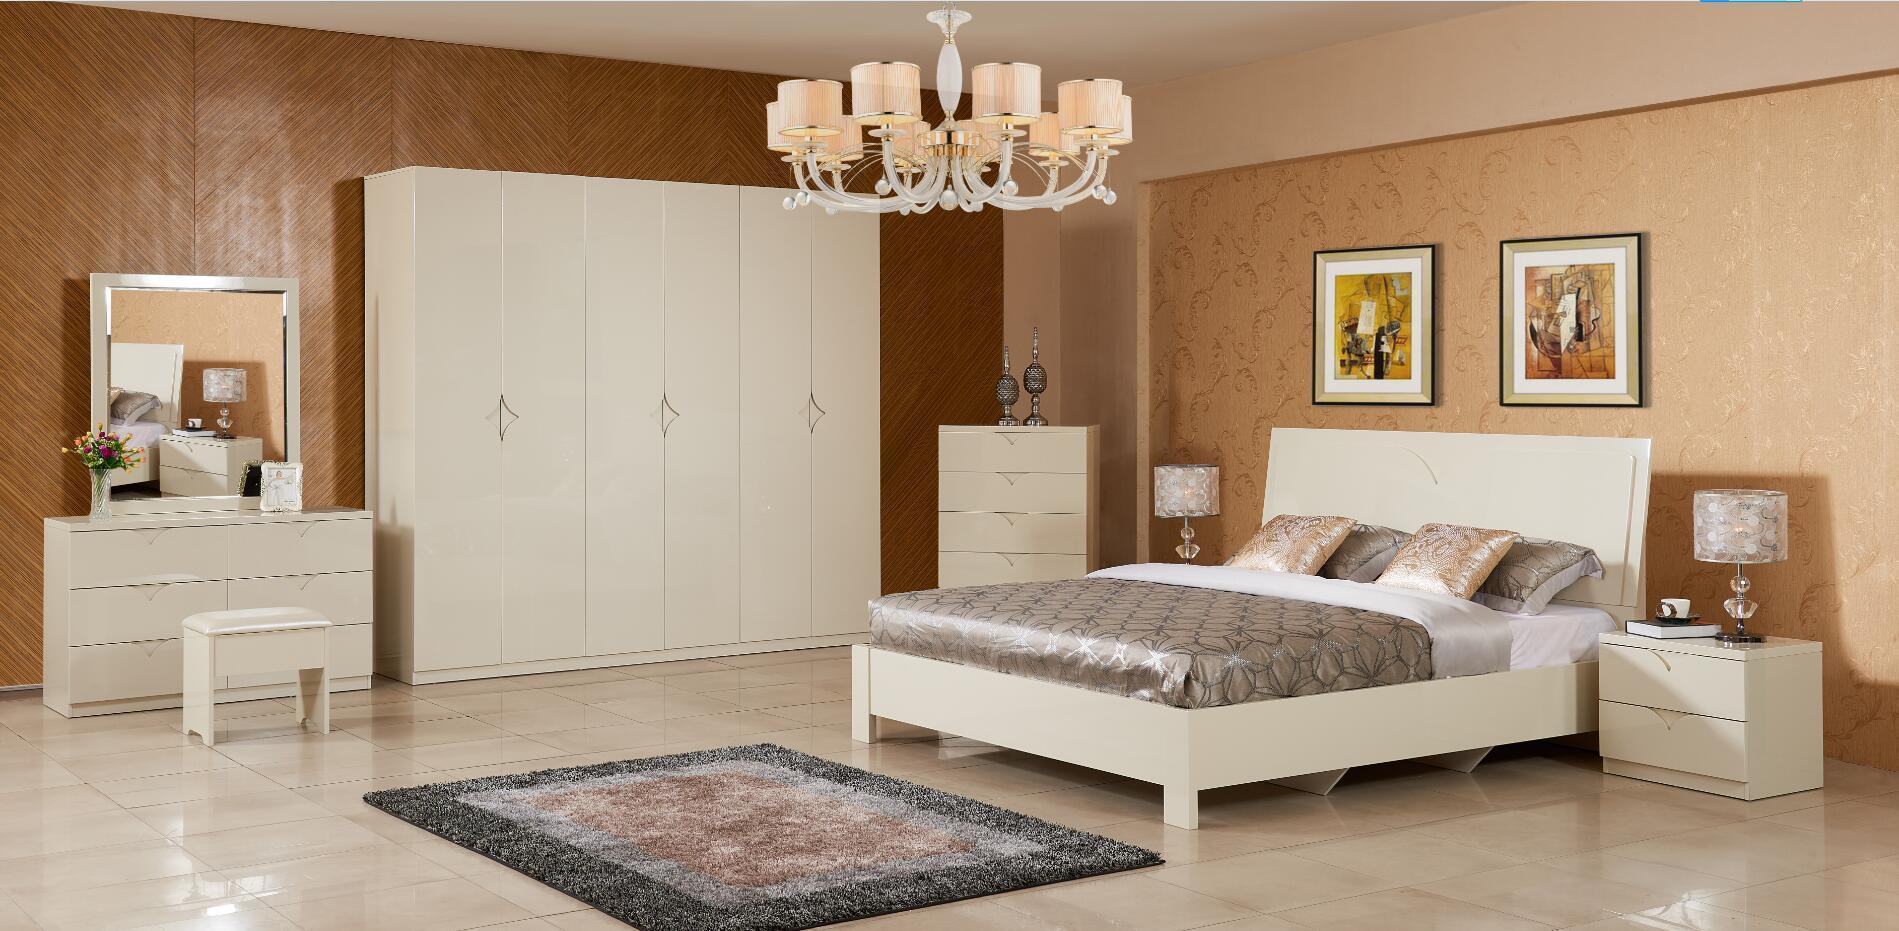 [Hot Item] Modern Simplicity Bedroom Furniture Set for Sale